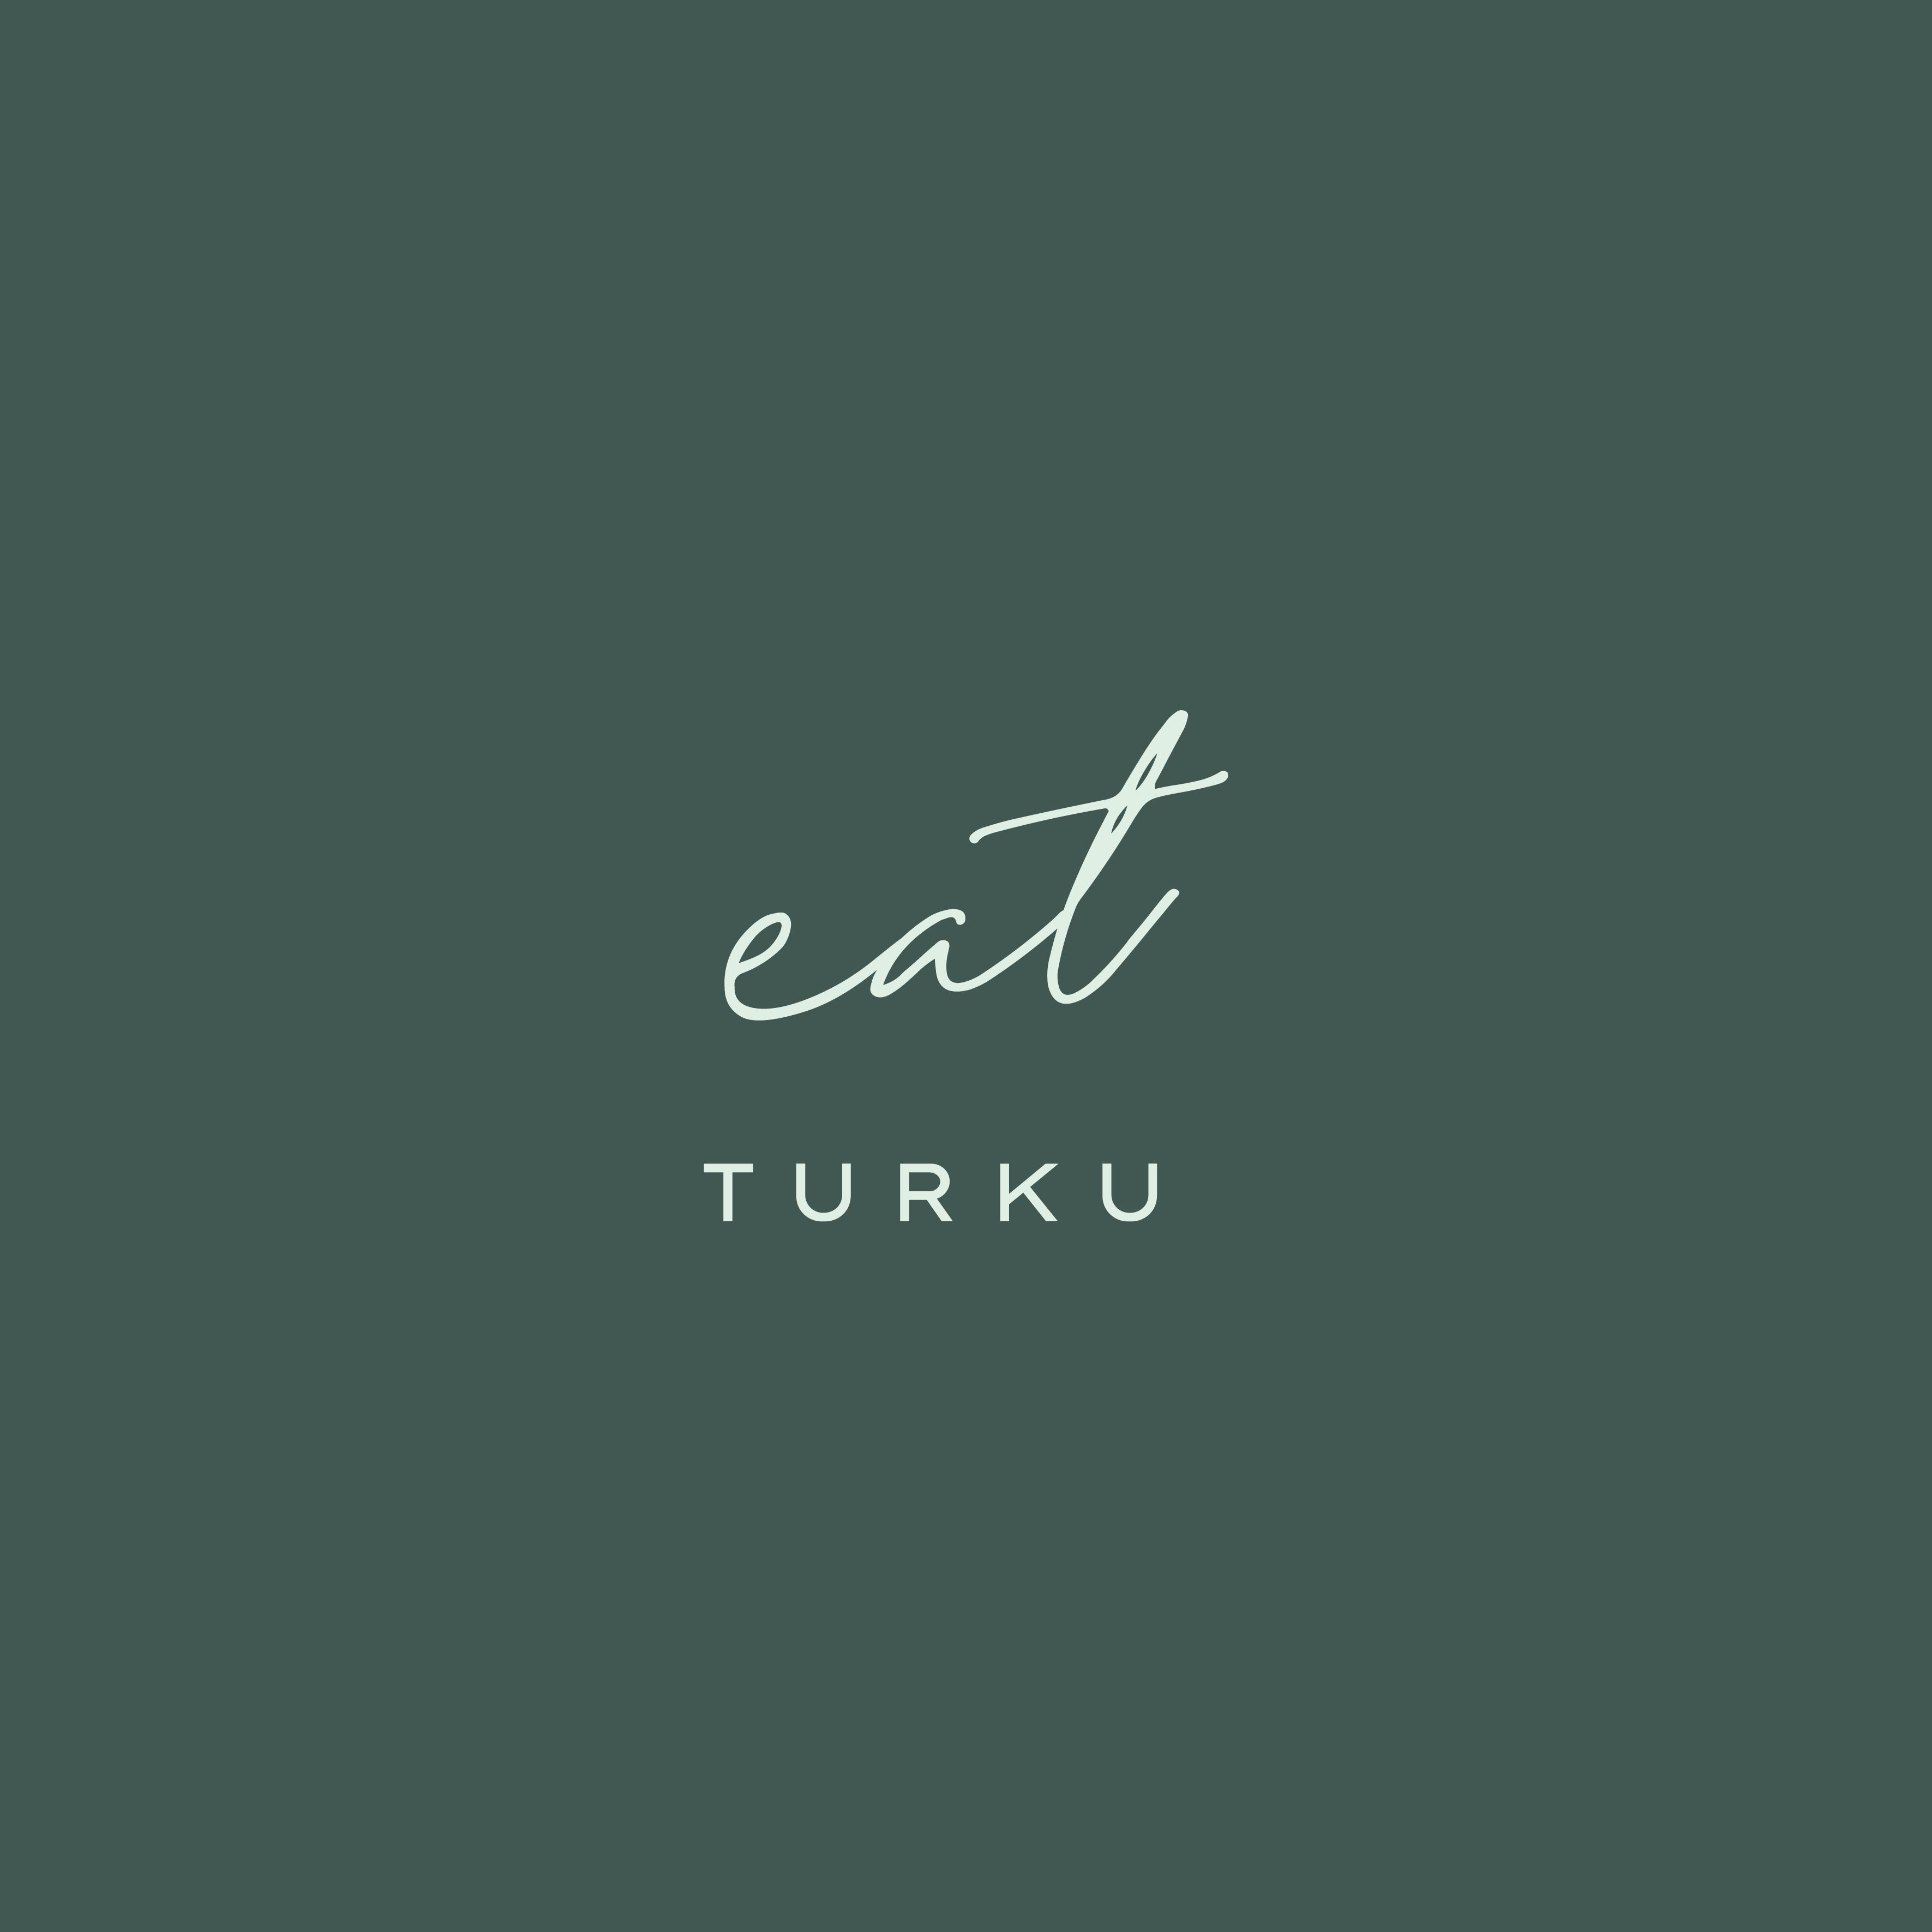 Eat Turku